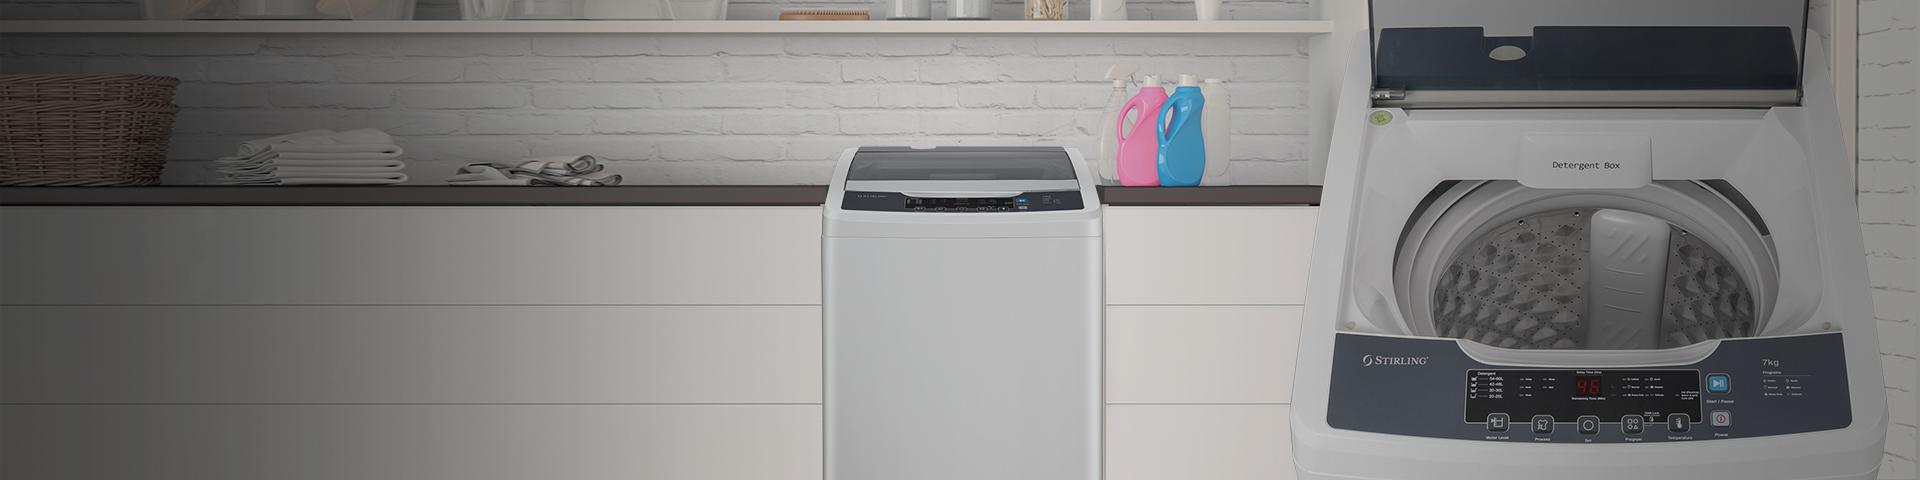 7kg washing machine-banner-blank